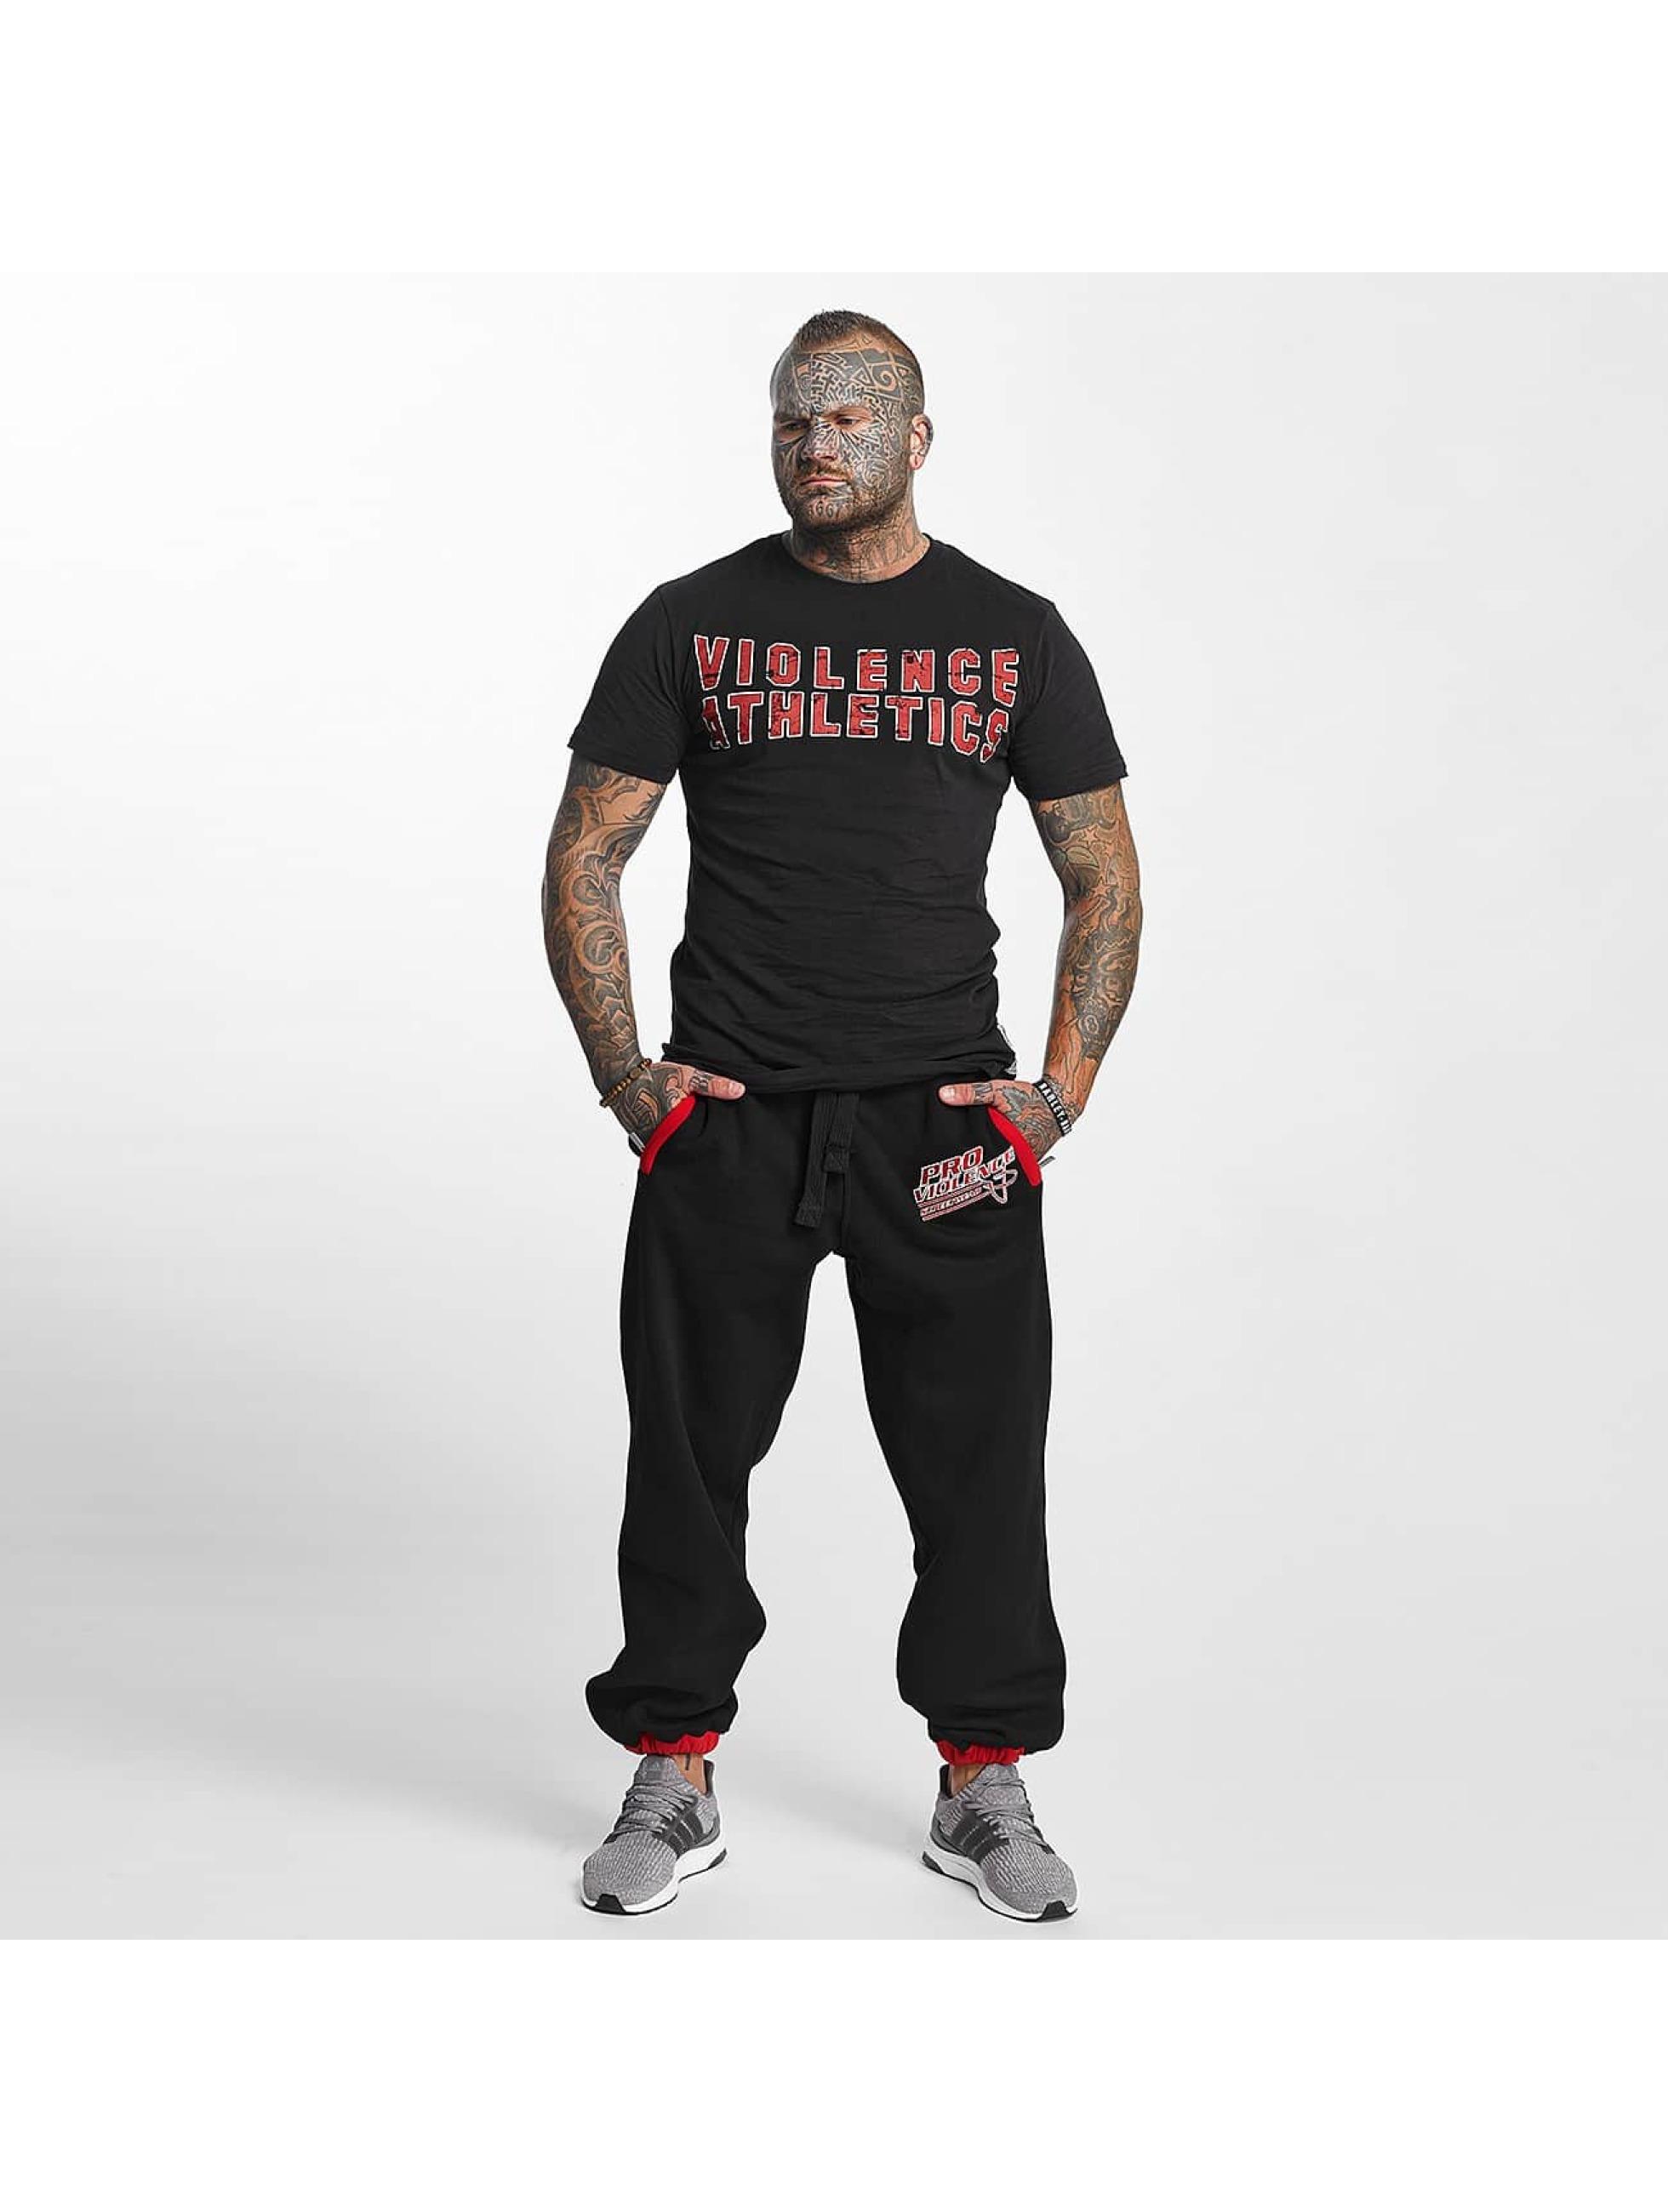 Pro Violence Streetwear Jogging Streetwear Sport noir